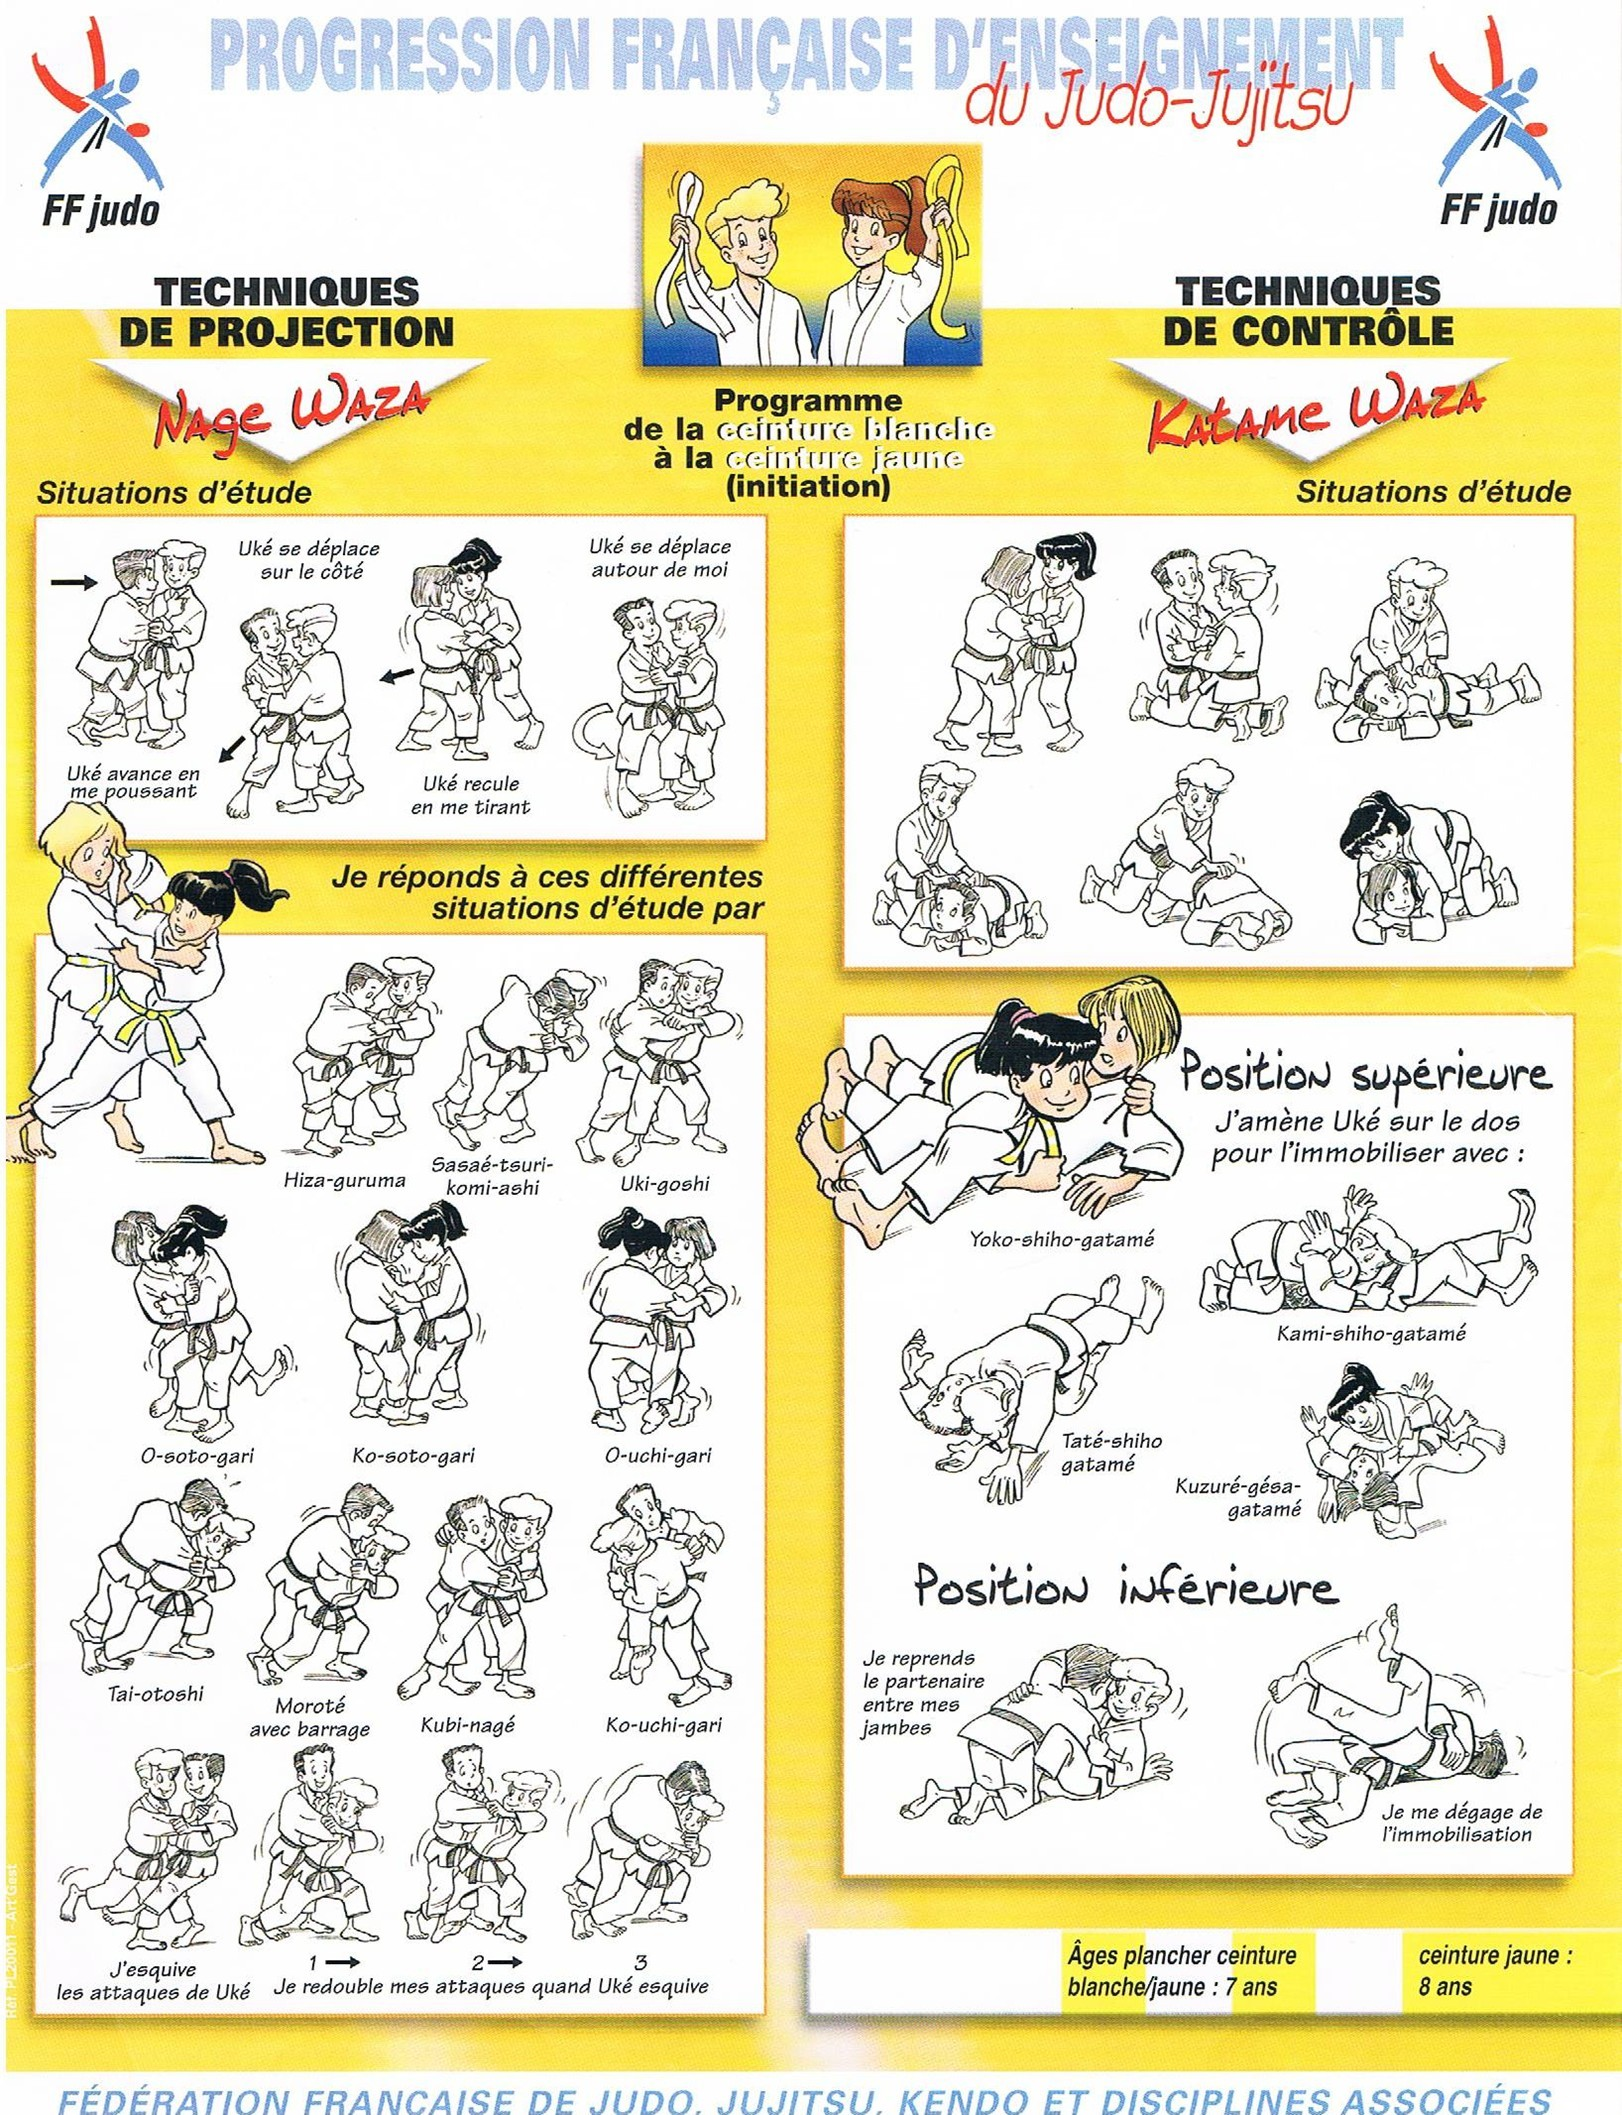 Fichiers à télécharger - club Judo FLANDRES JUDO HAZEBROUCK - Clubeo fcfb927f858